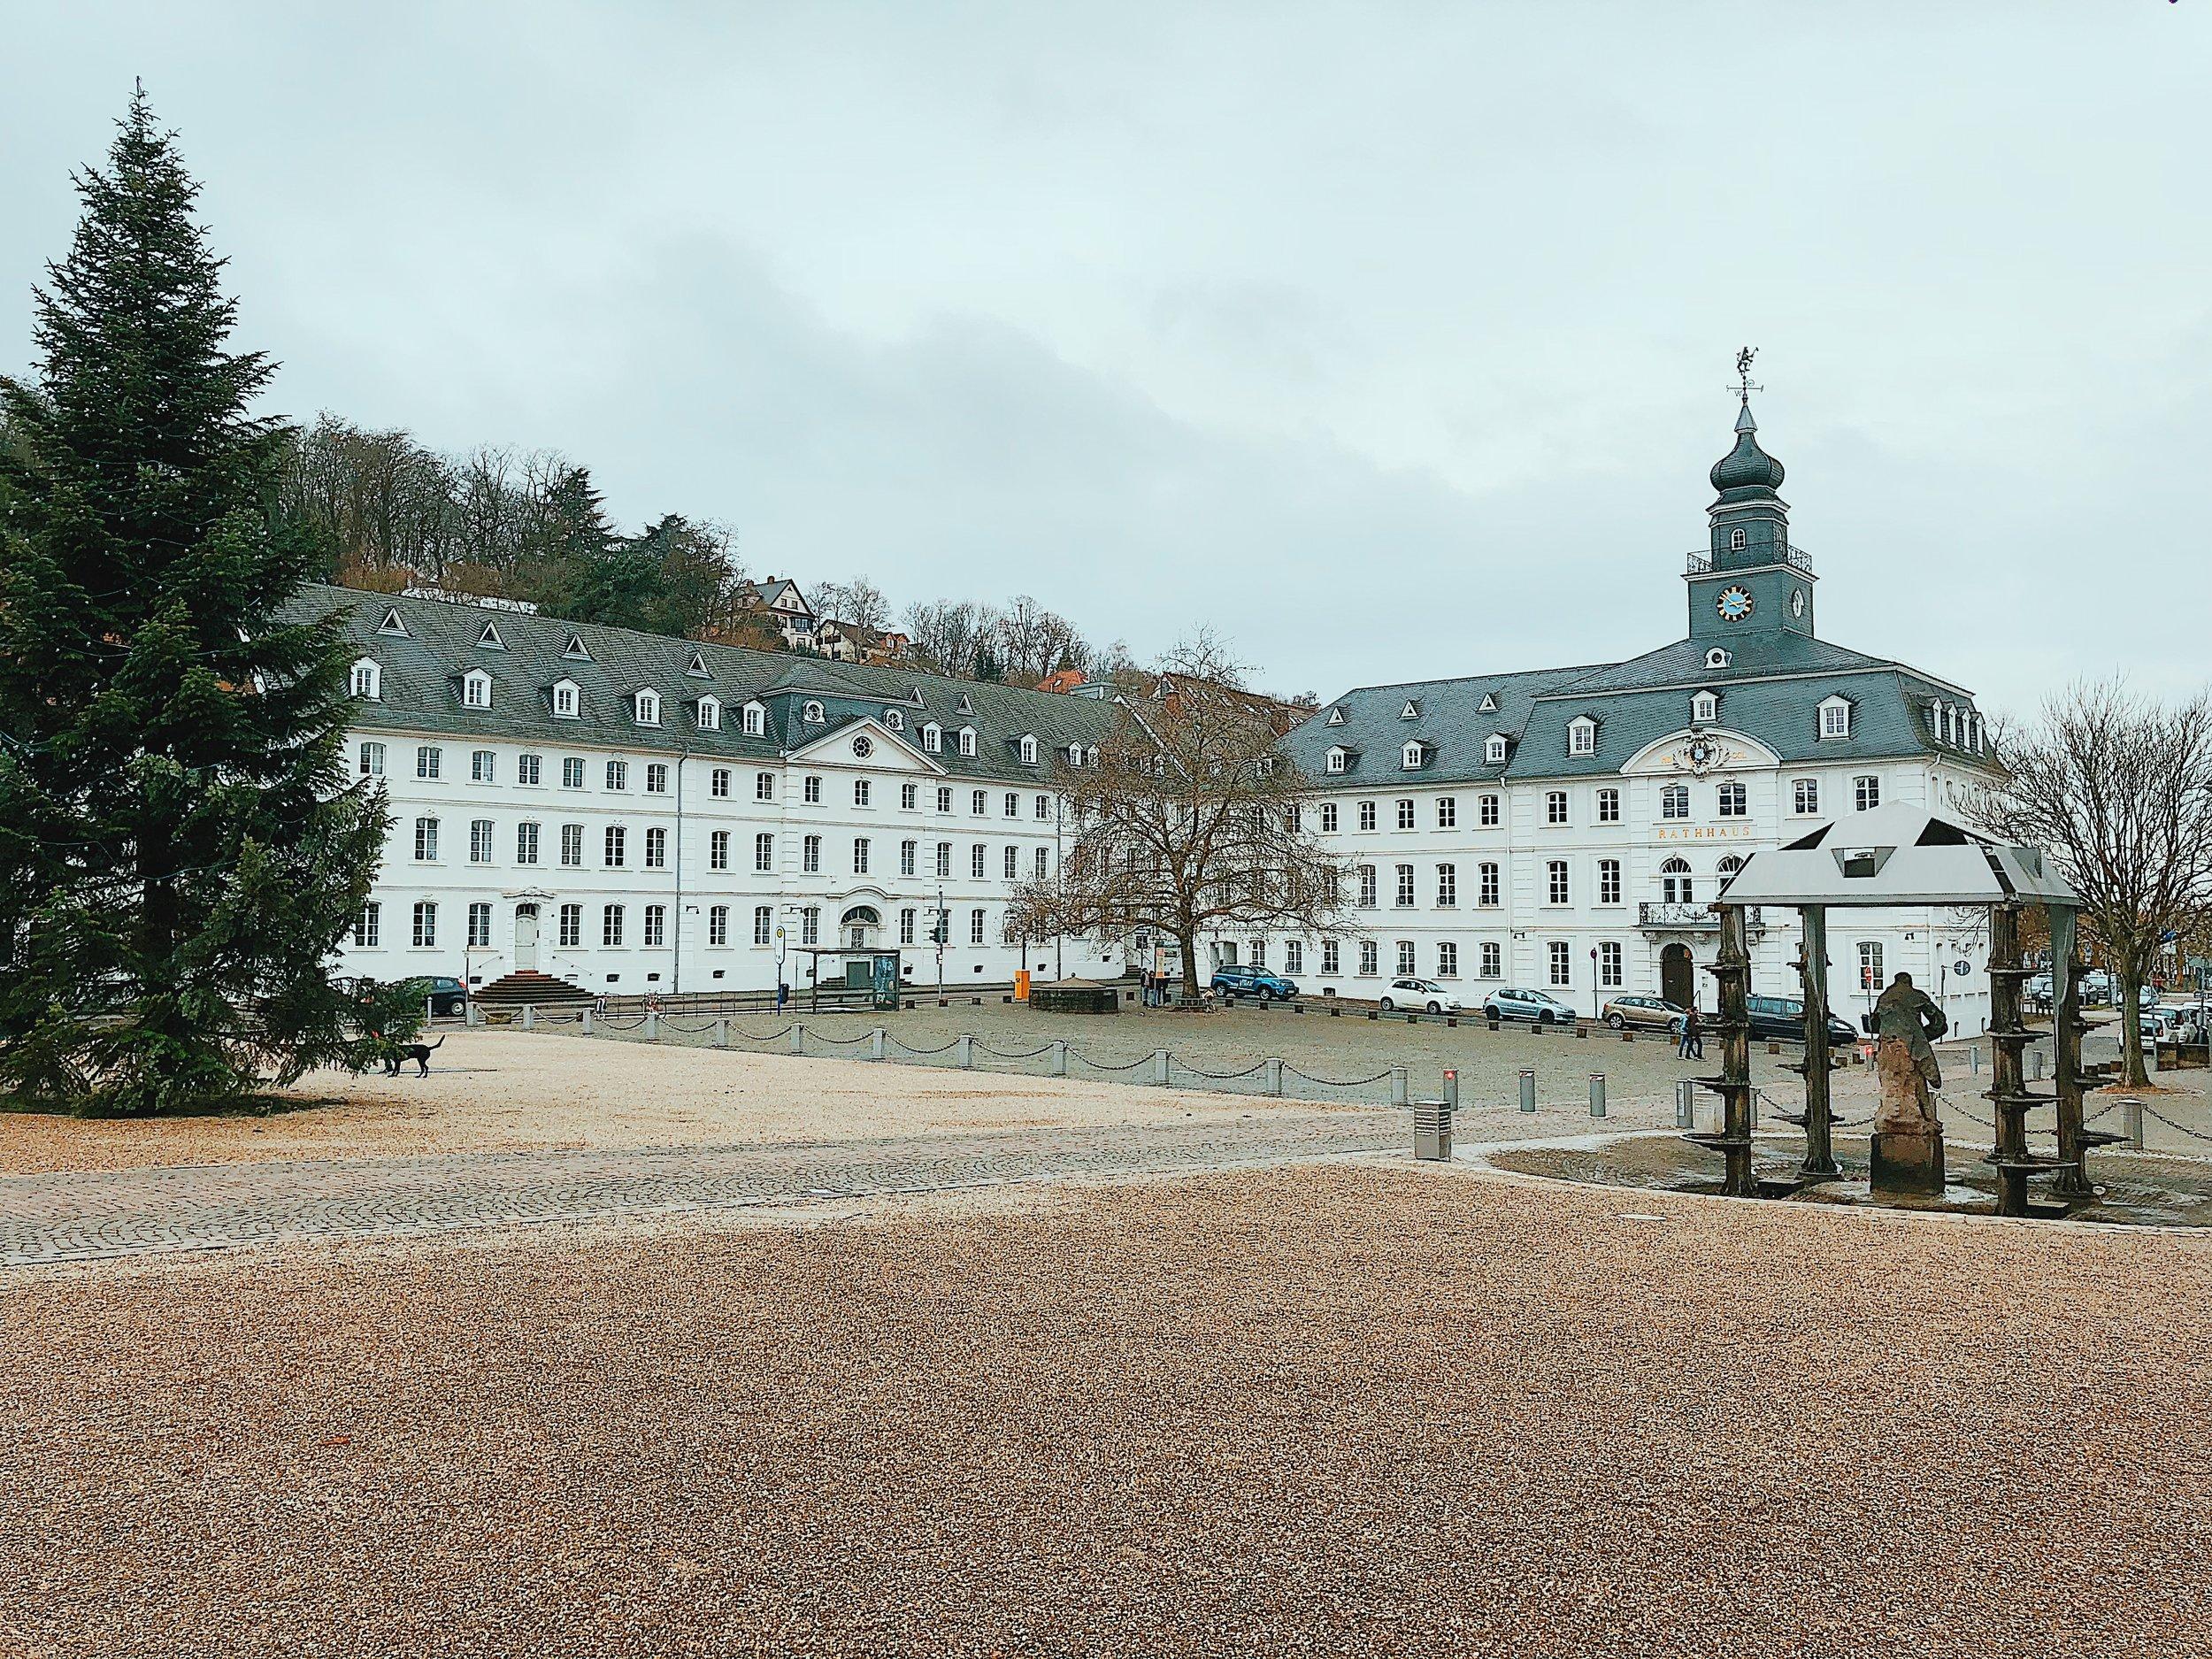 Kassematten - Schloss Saarbrücken